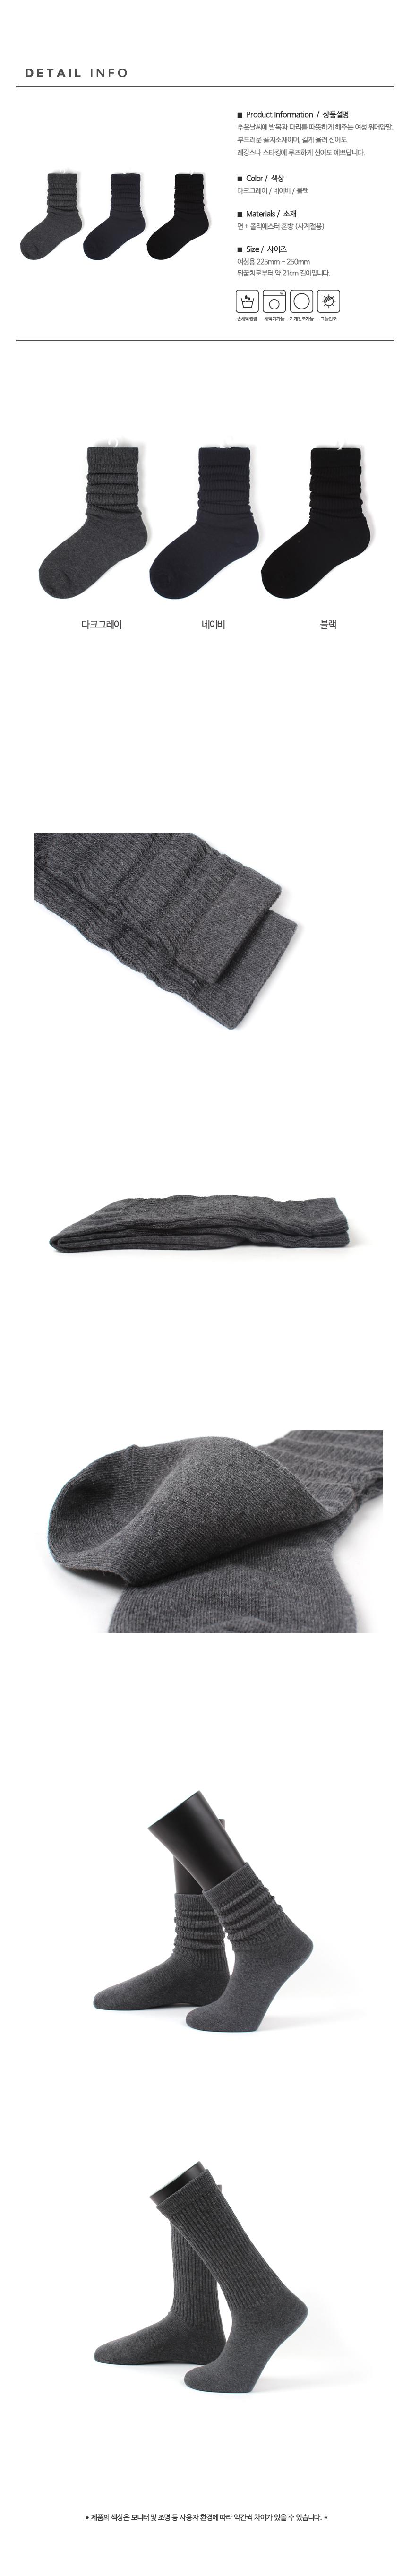 여성 롱골지 워머양말 - 브로삭스, 4,500원, 남성양말, 패션양말